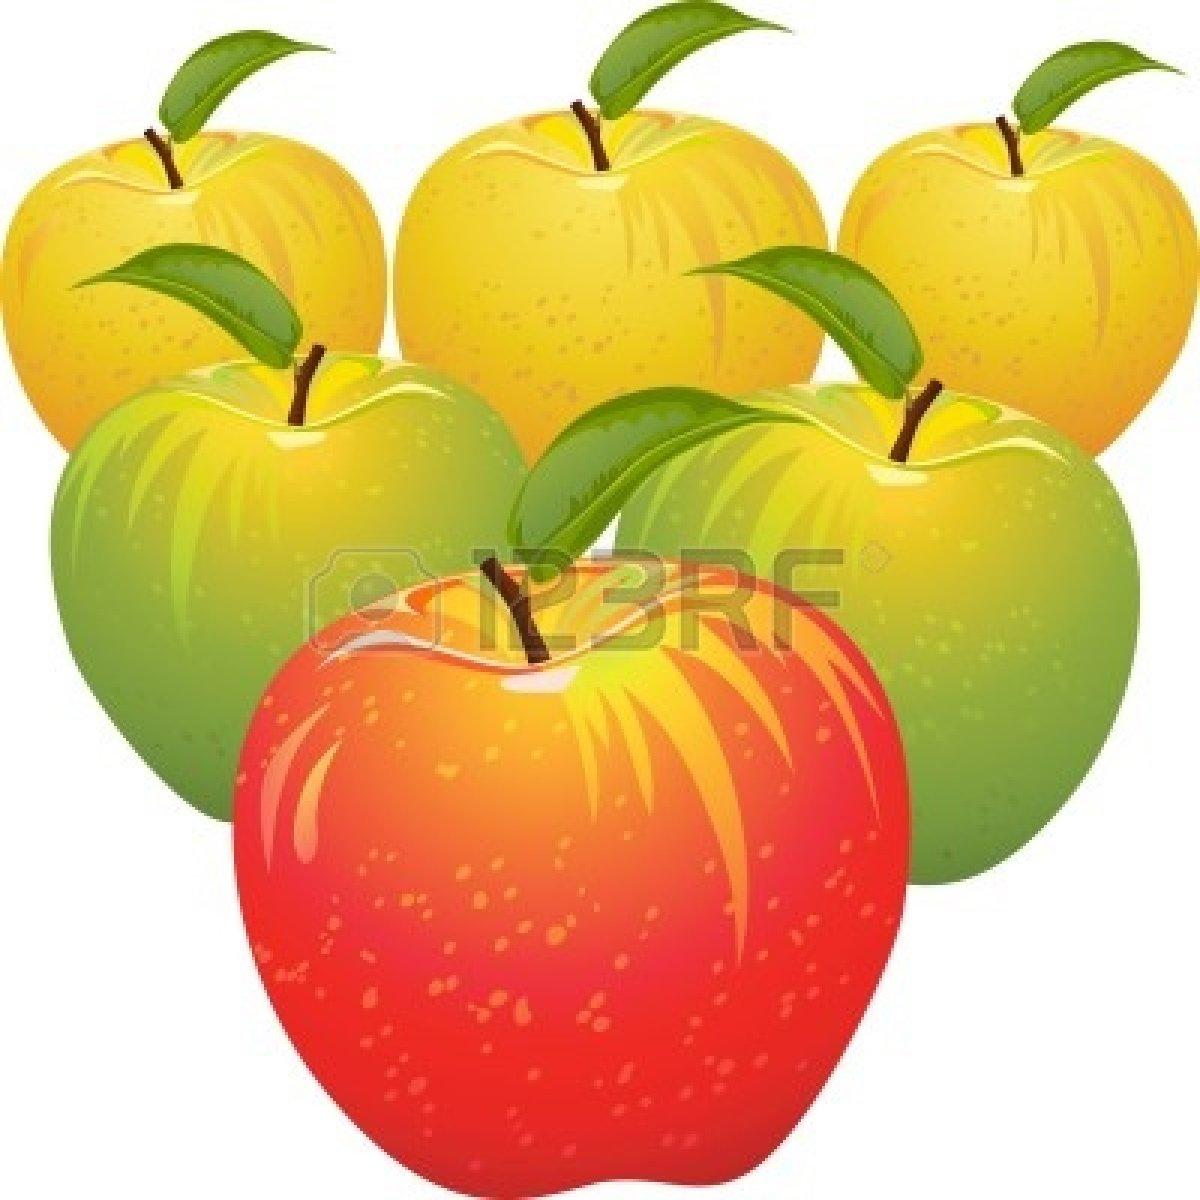 1200x1200 Top 70 Apples Clip Art